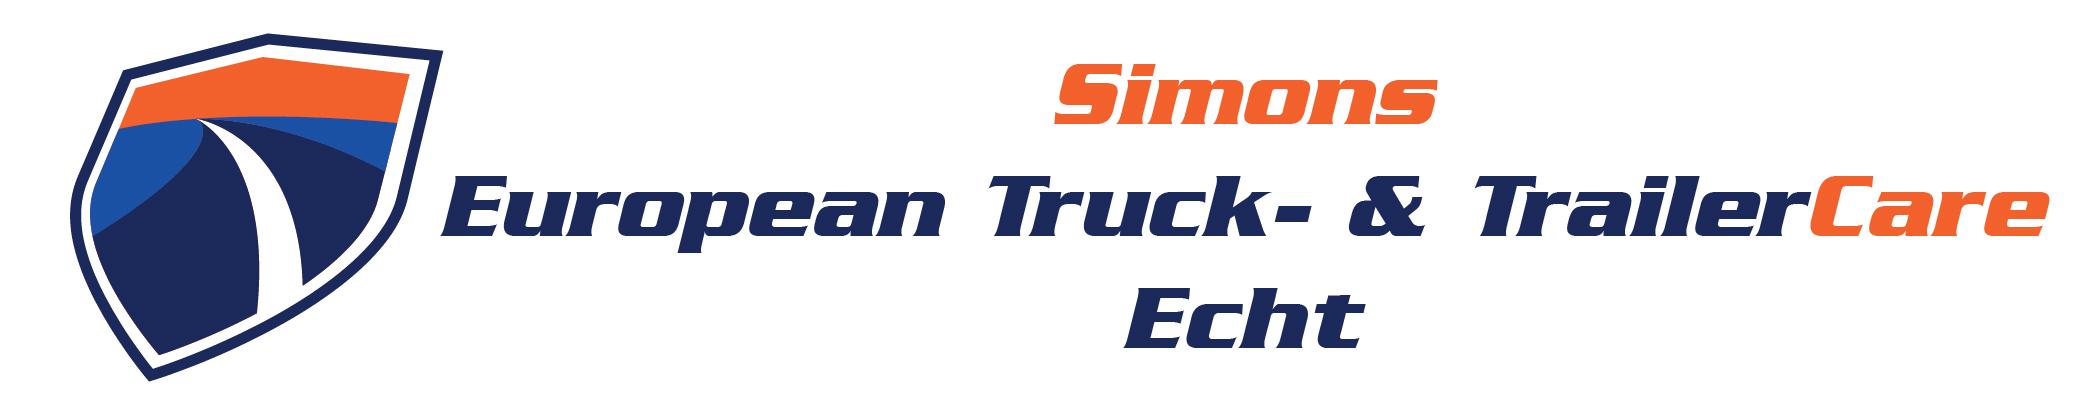 simons-european-truck-trailer-care